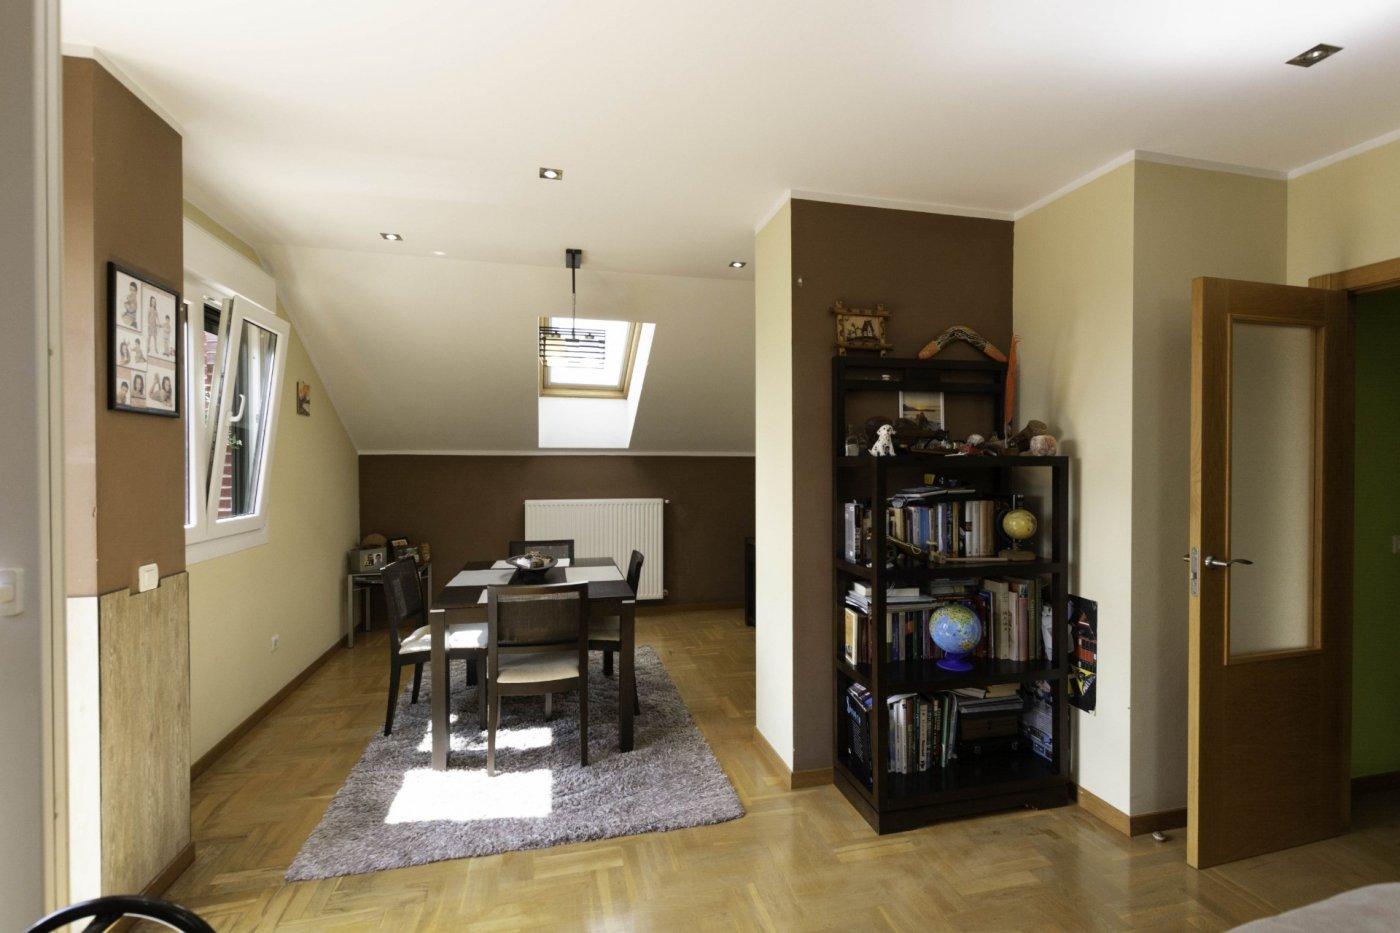 Ático con terraza de 11 m2, a 2 km de salinas - imagenInmueble5